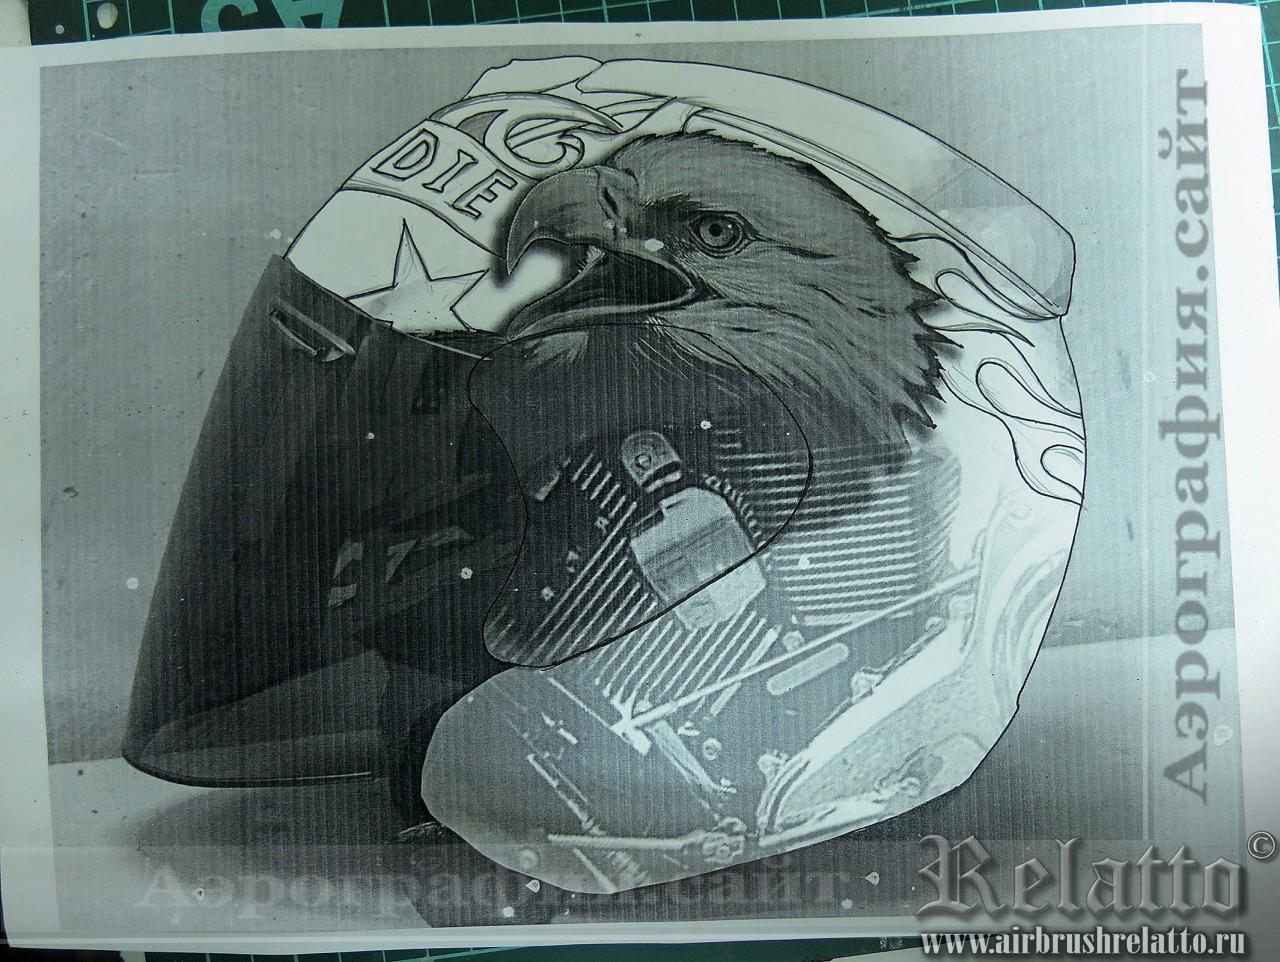 Аэрография шлема Arai эскиз